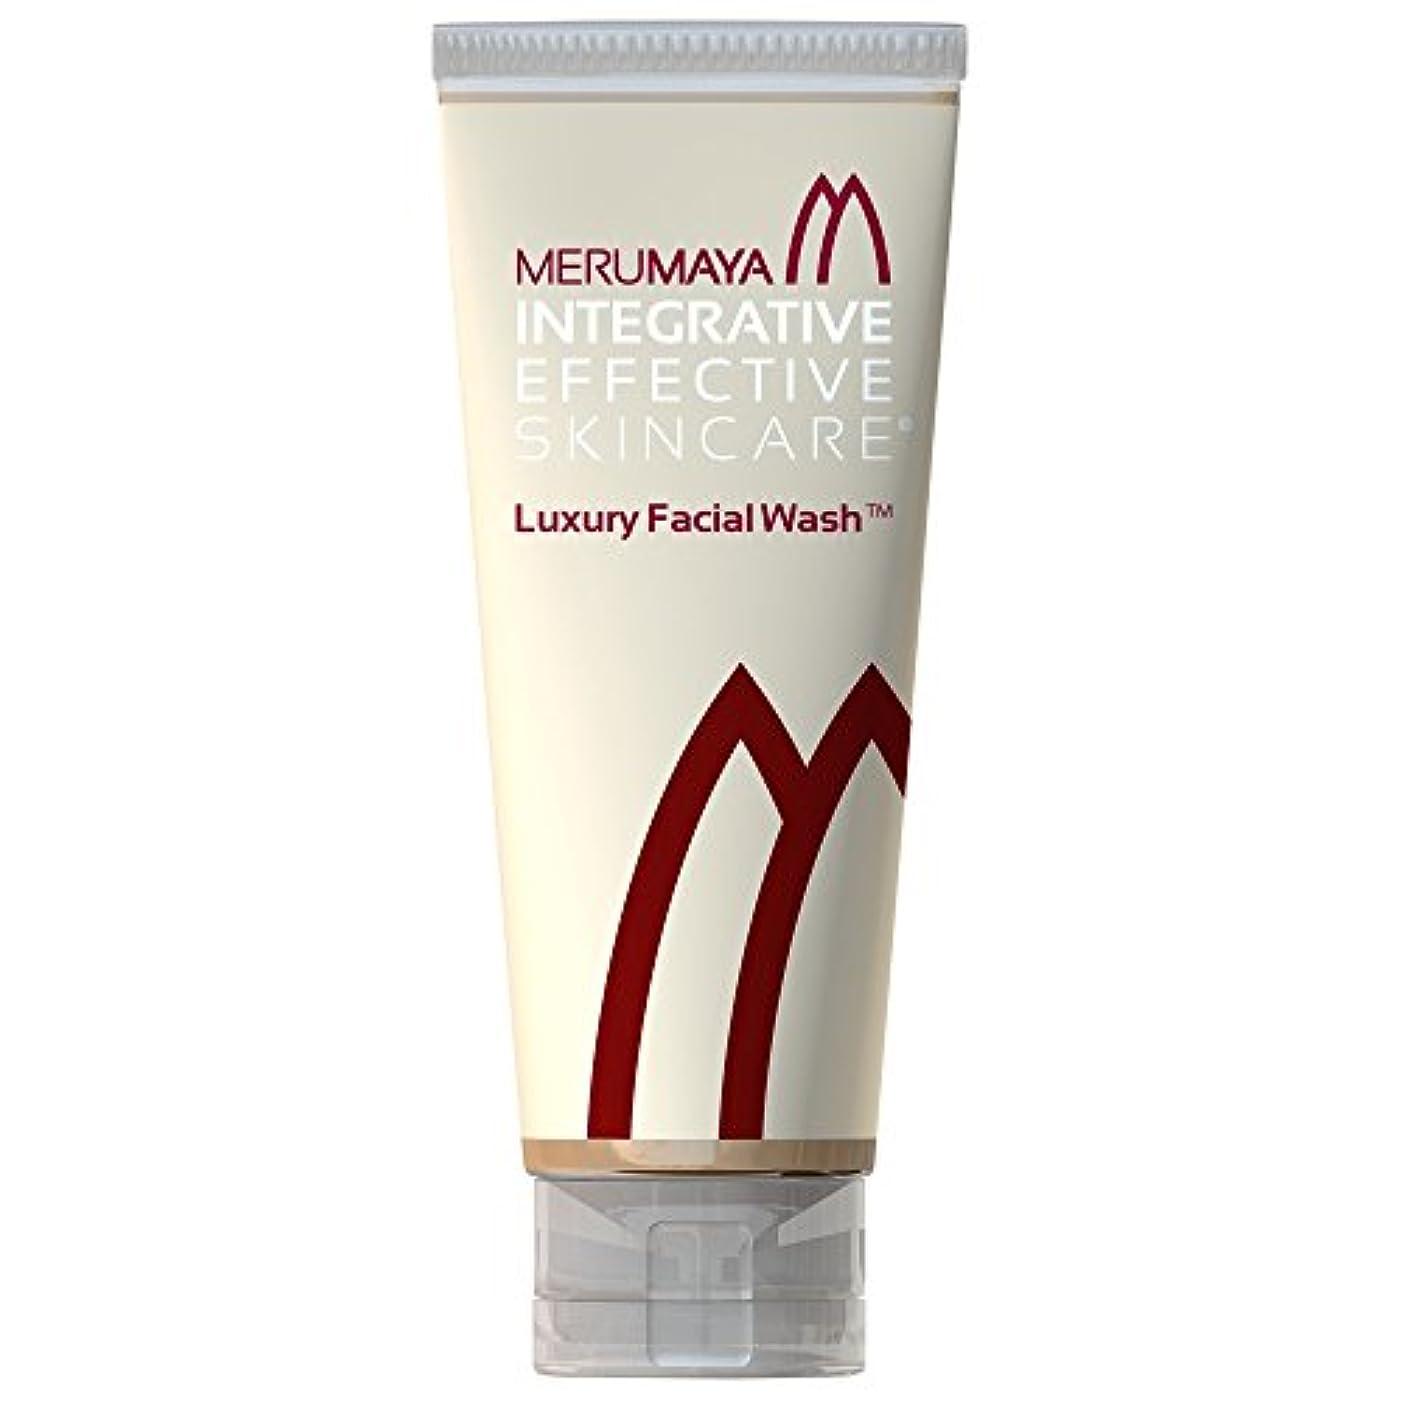 パワーオーラル北Merumaya高級洗顔?、100ミリリットル (Merumaya) - MERUMAYA Luxury Facial Wash?, 100ml [並行輸入品]